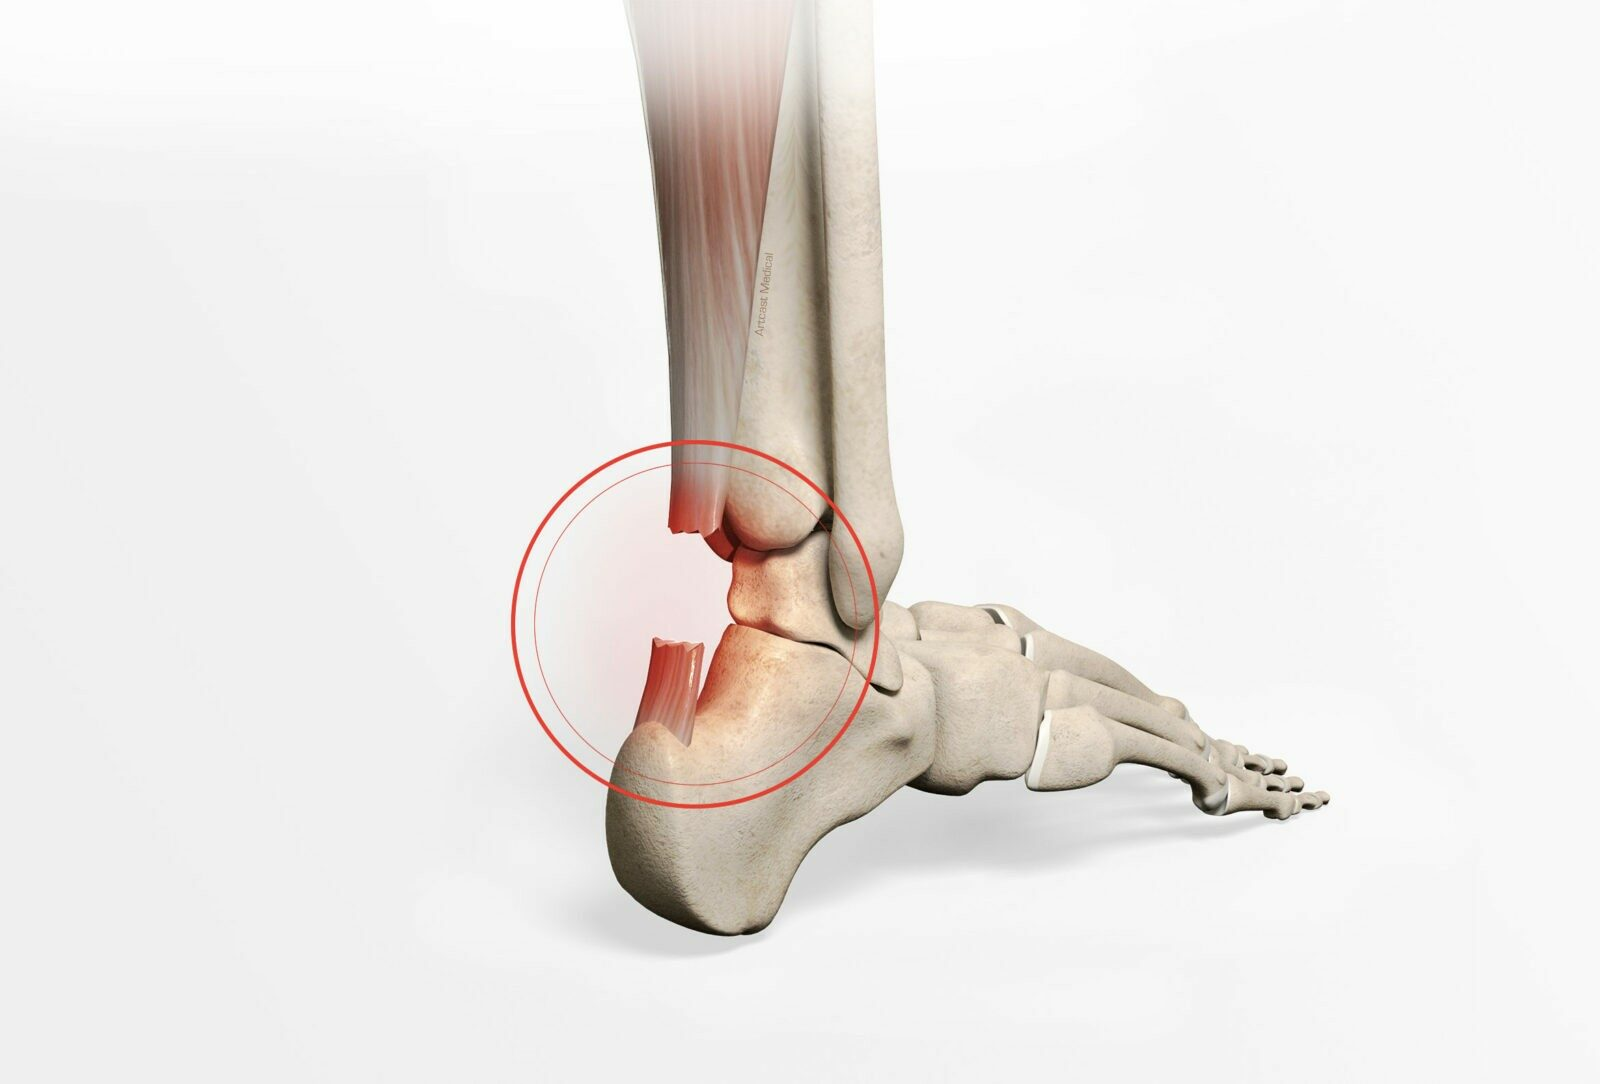 Chirurgie de la cheville à Paris: Réparation du tendon d'Achille - docteur Paillard